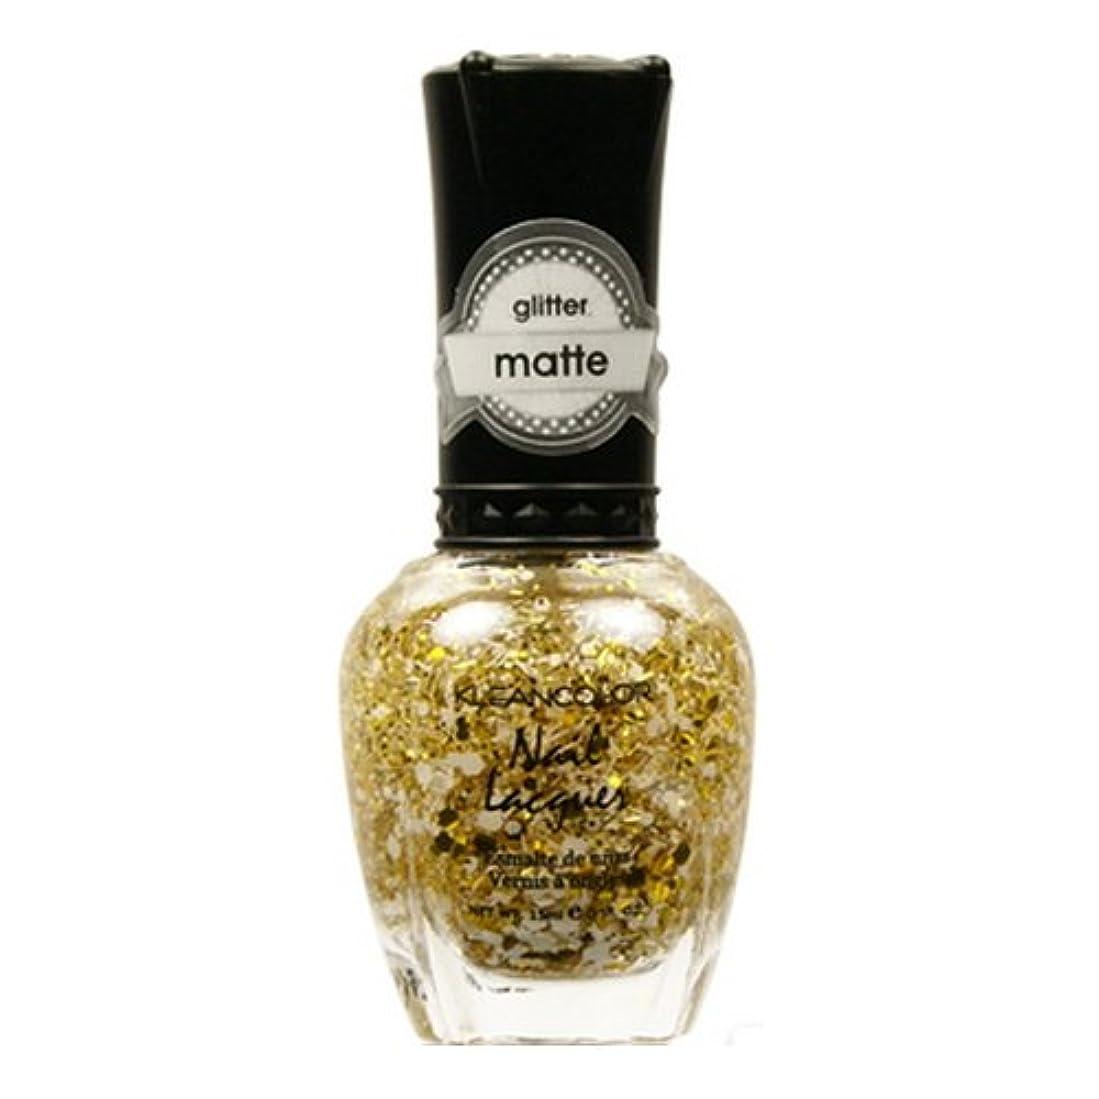 お勧め私たち自身ボス(6 Pack) KLEANCOLOR Glitter Matte Nail Lacquer - Everyday is My Birthday (並行輸入品)